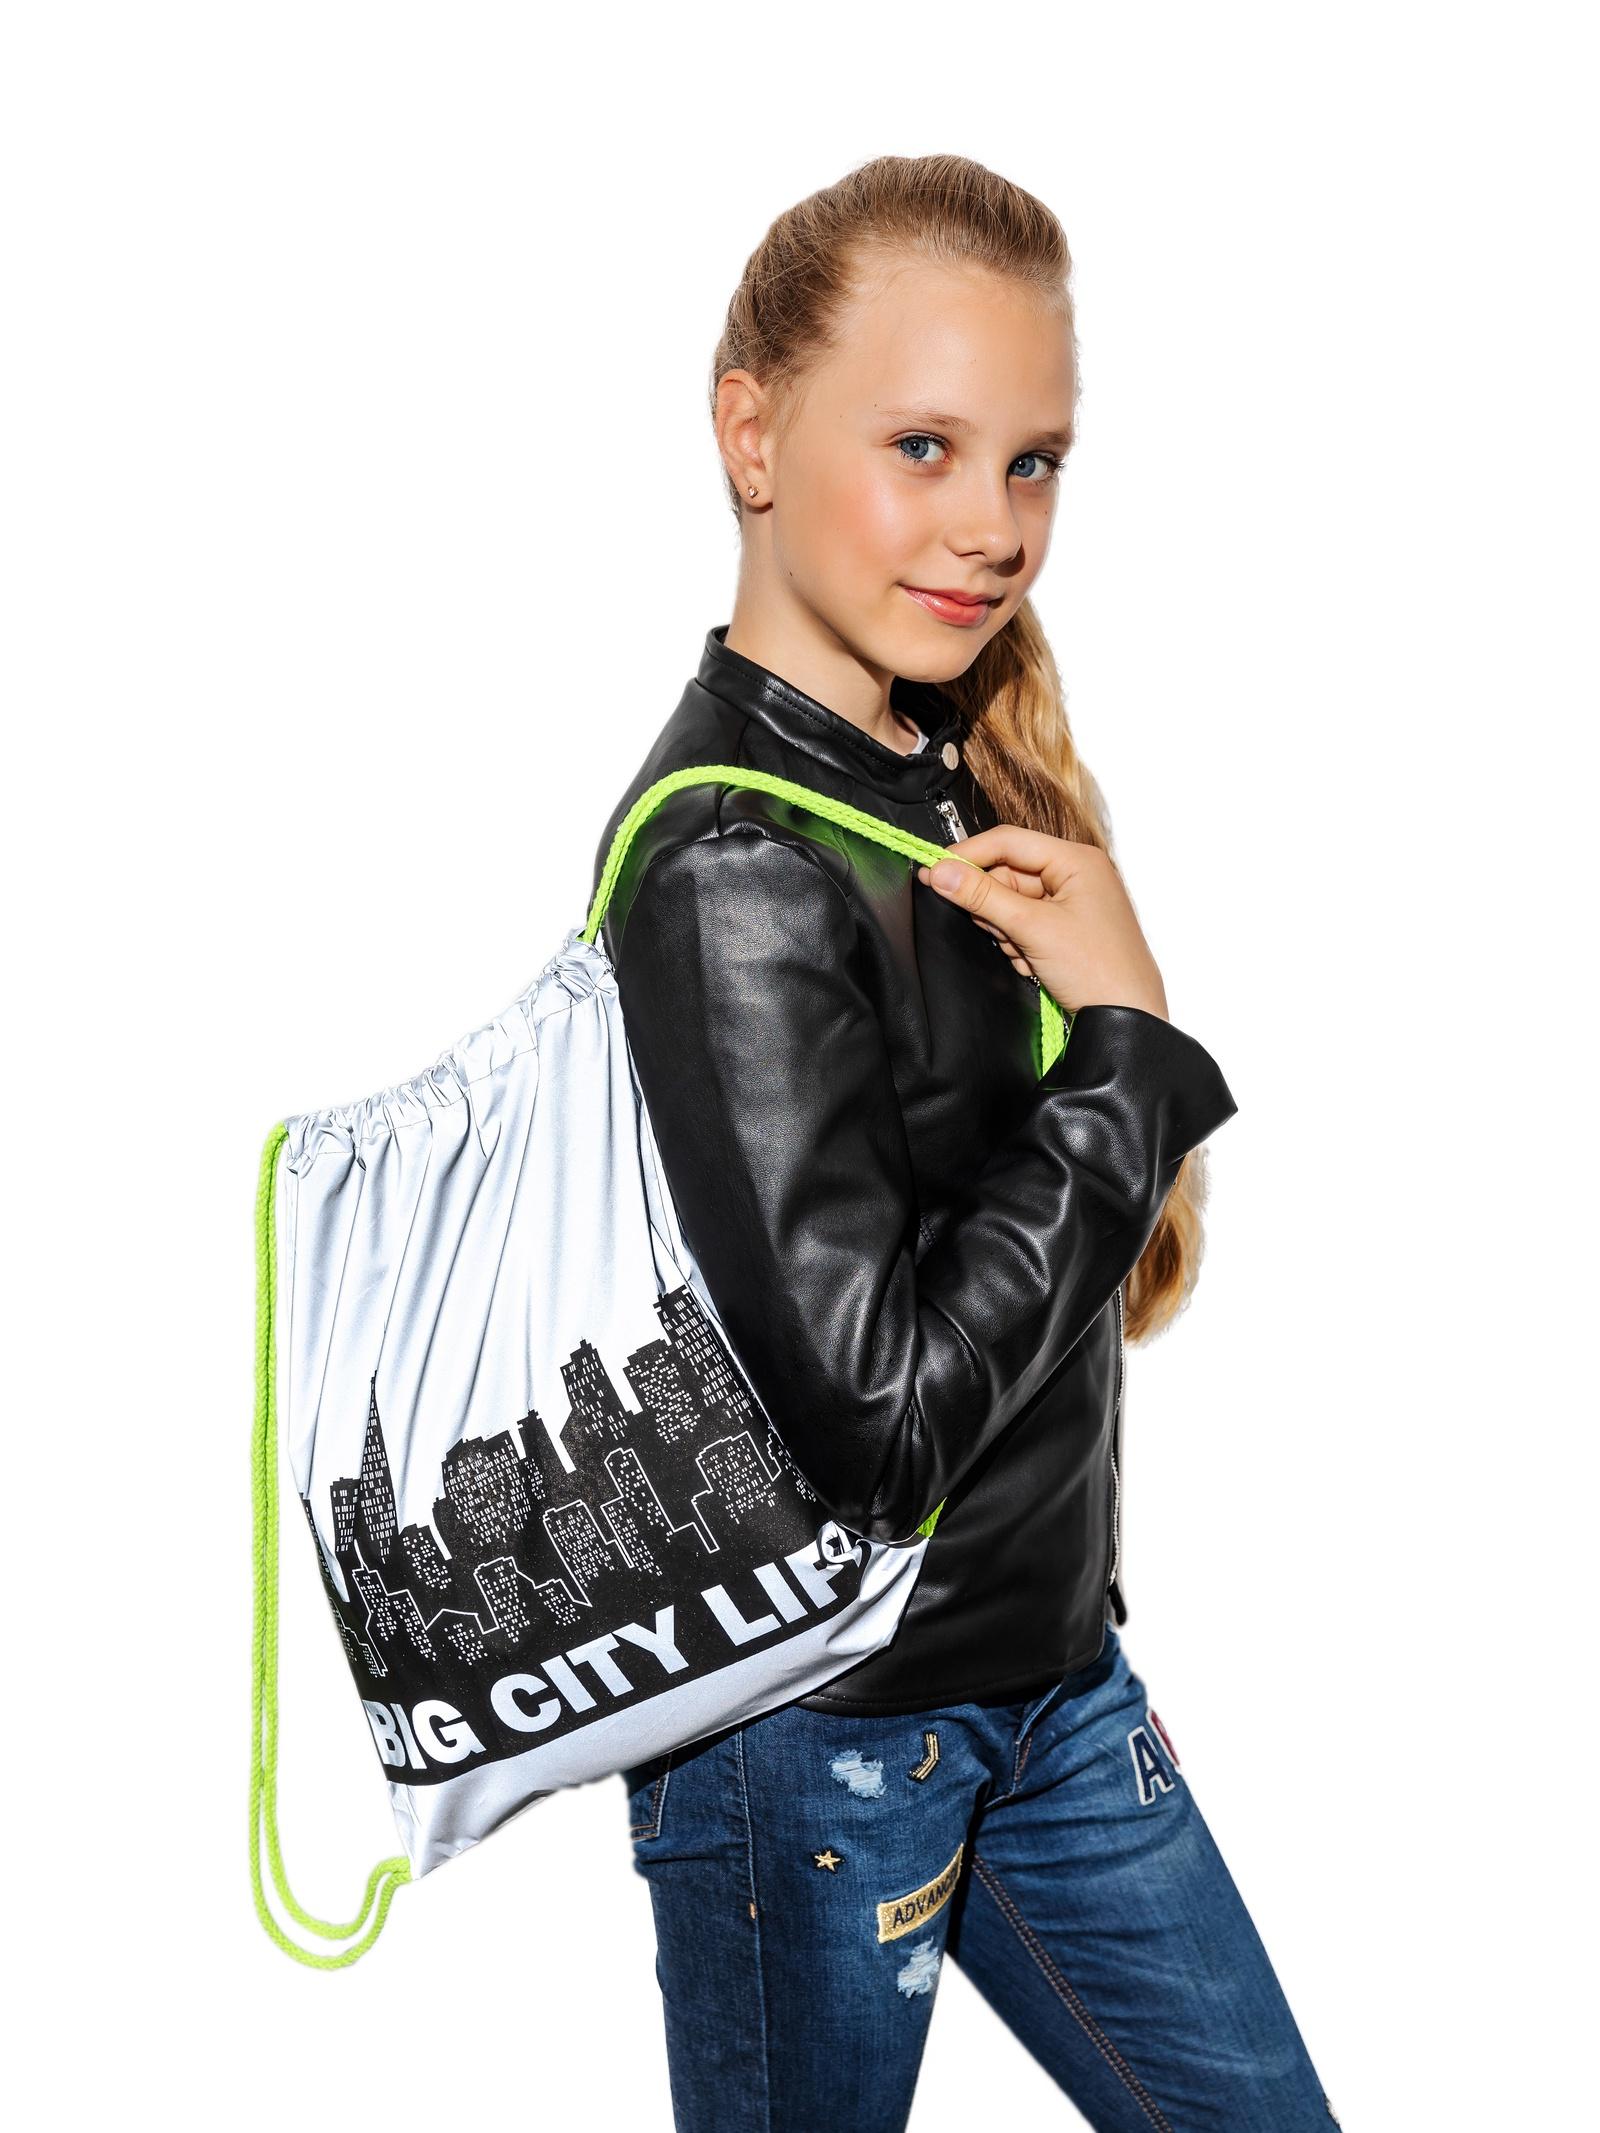 Рюкзак-мешок для обуви светоотражающий Светлячок жилет светоотражающий светлячок эльфийская принцесса размер l